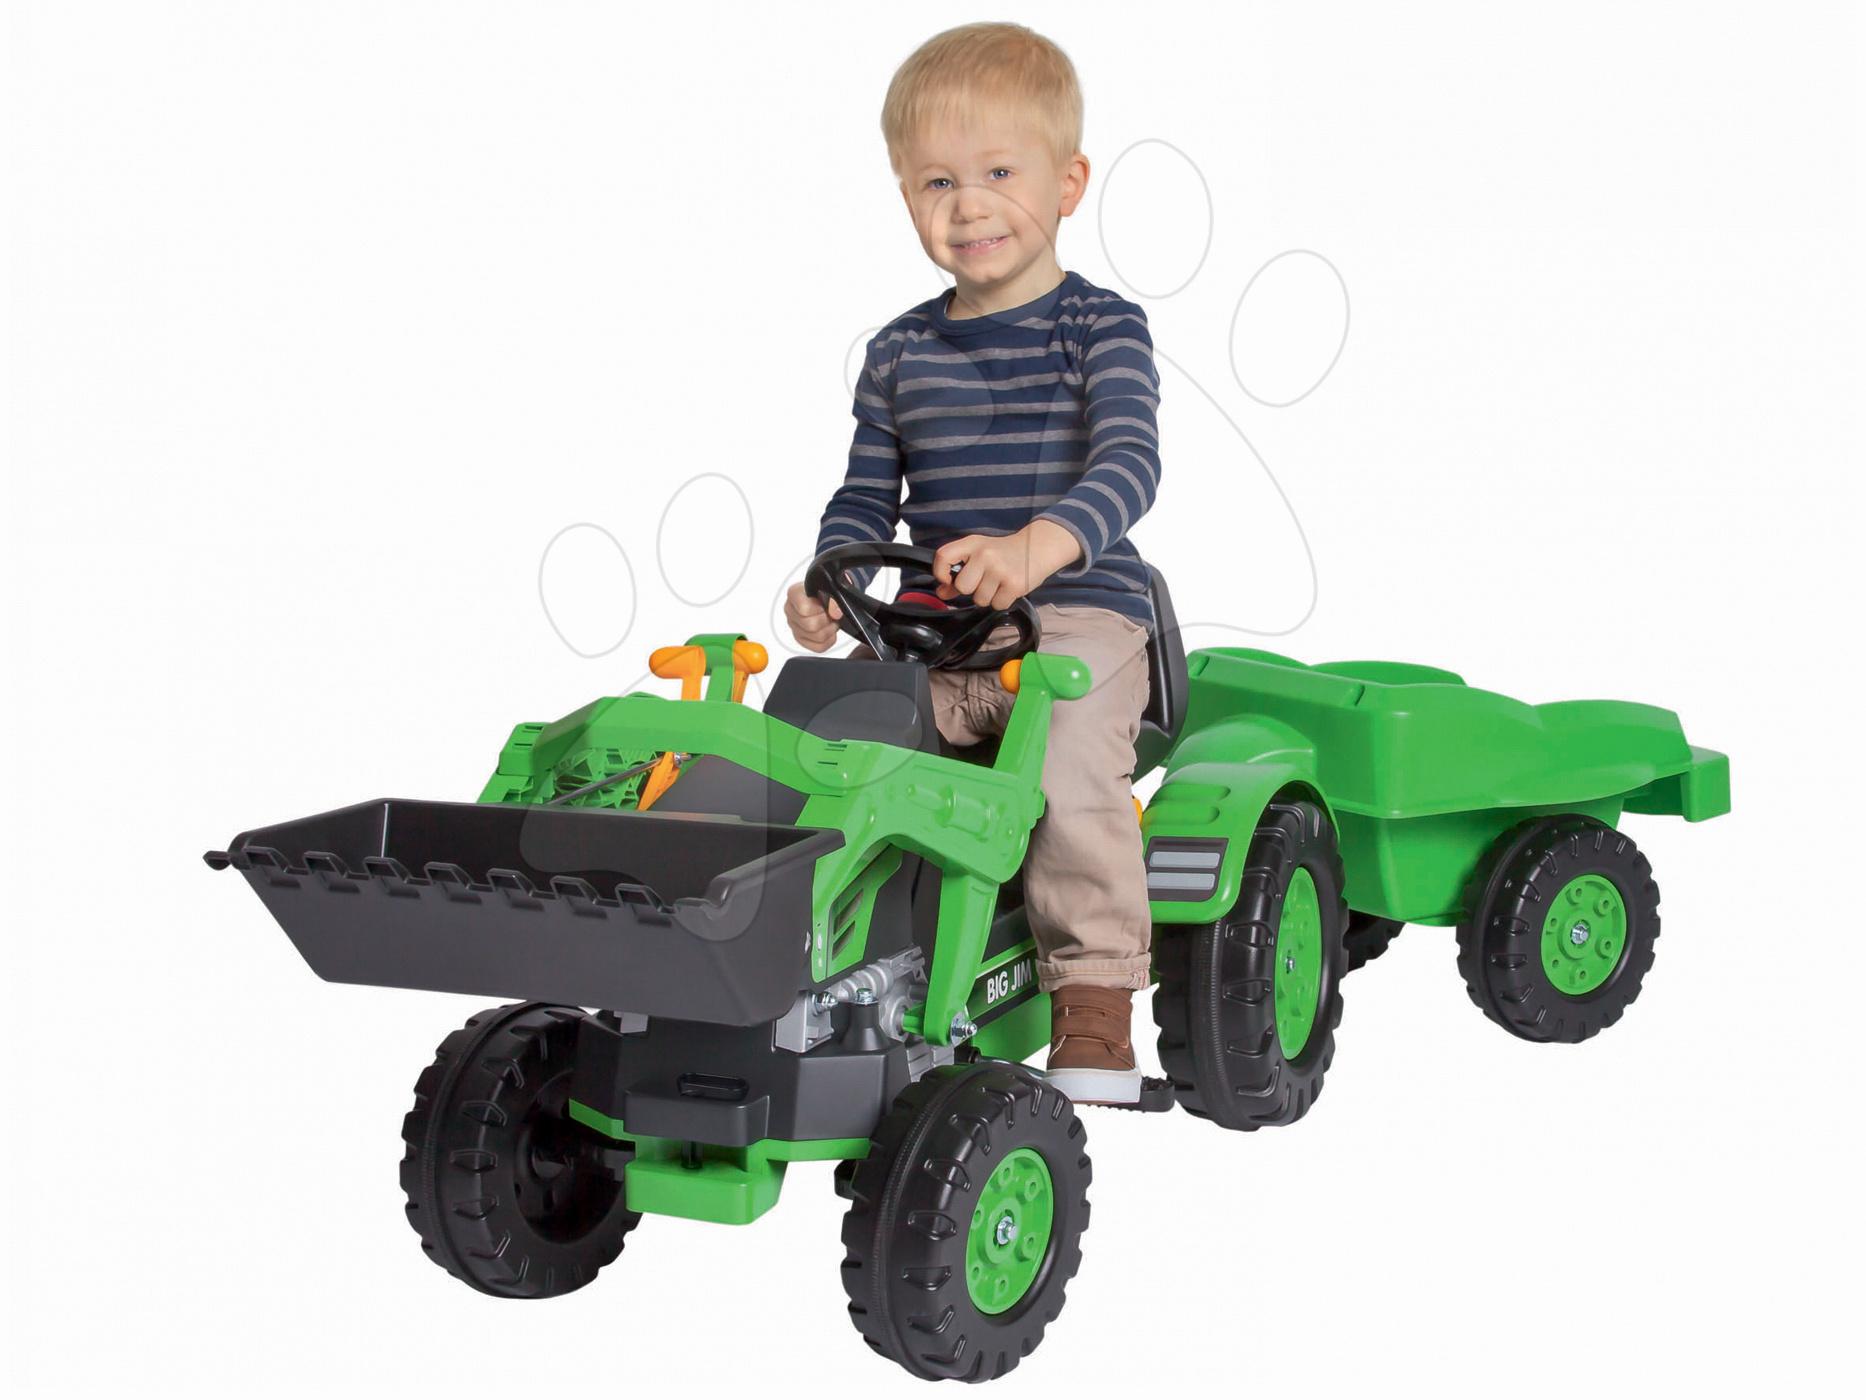 Otroška vozila na pedala - Traktor na pedala Jim Loader BIG z nakladalcem in prikolico zelen